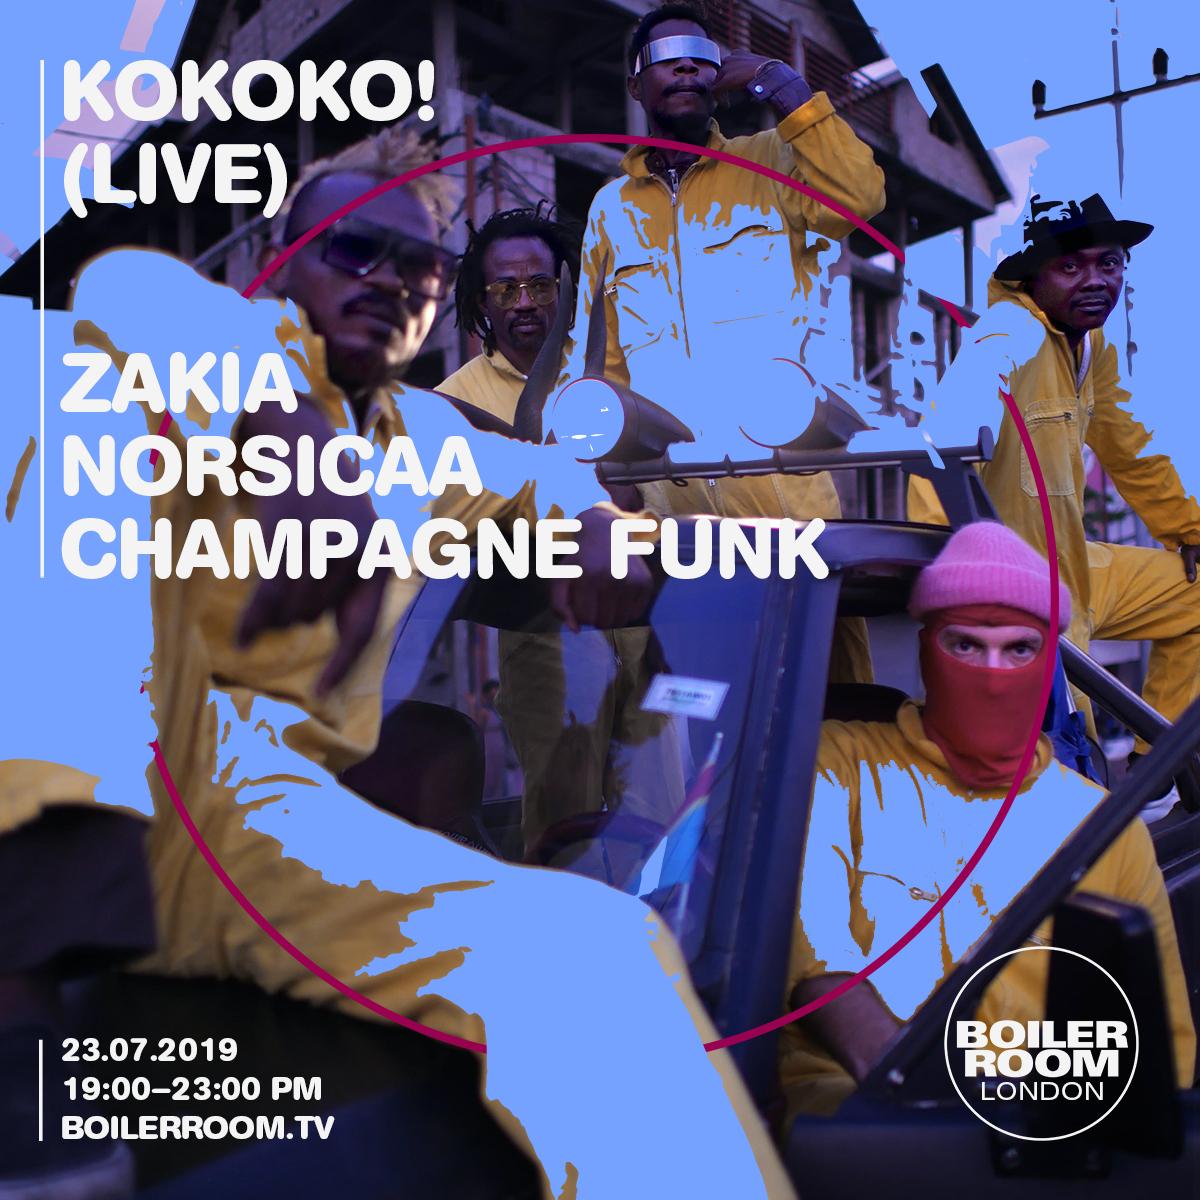 KOKOKO! Flyer Image